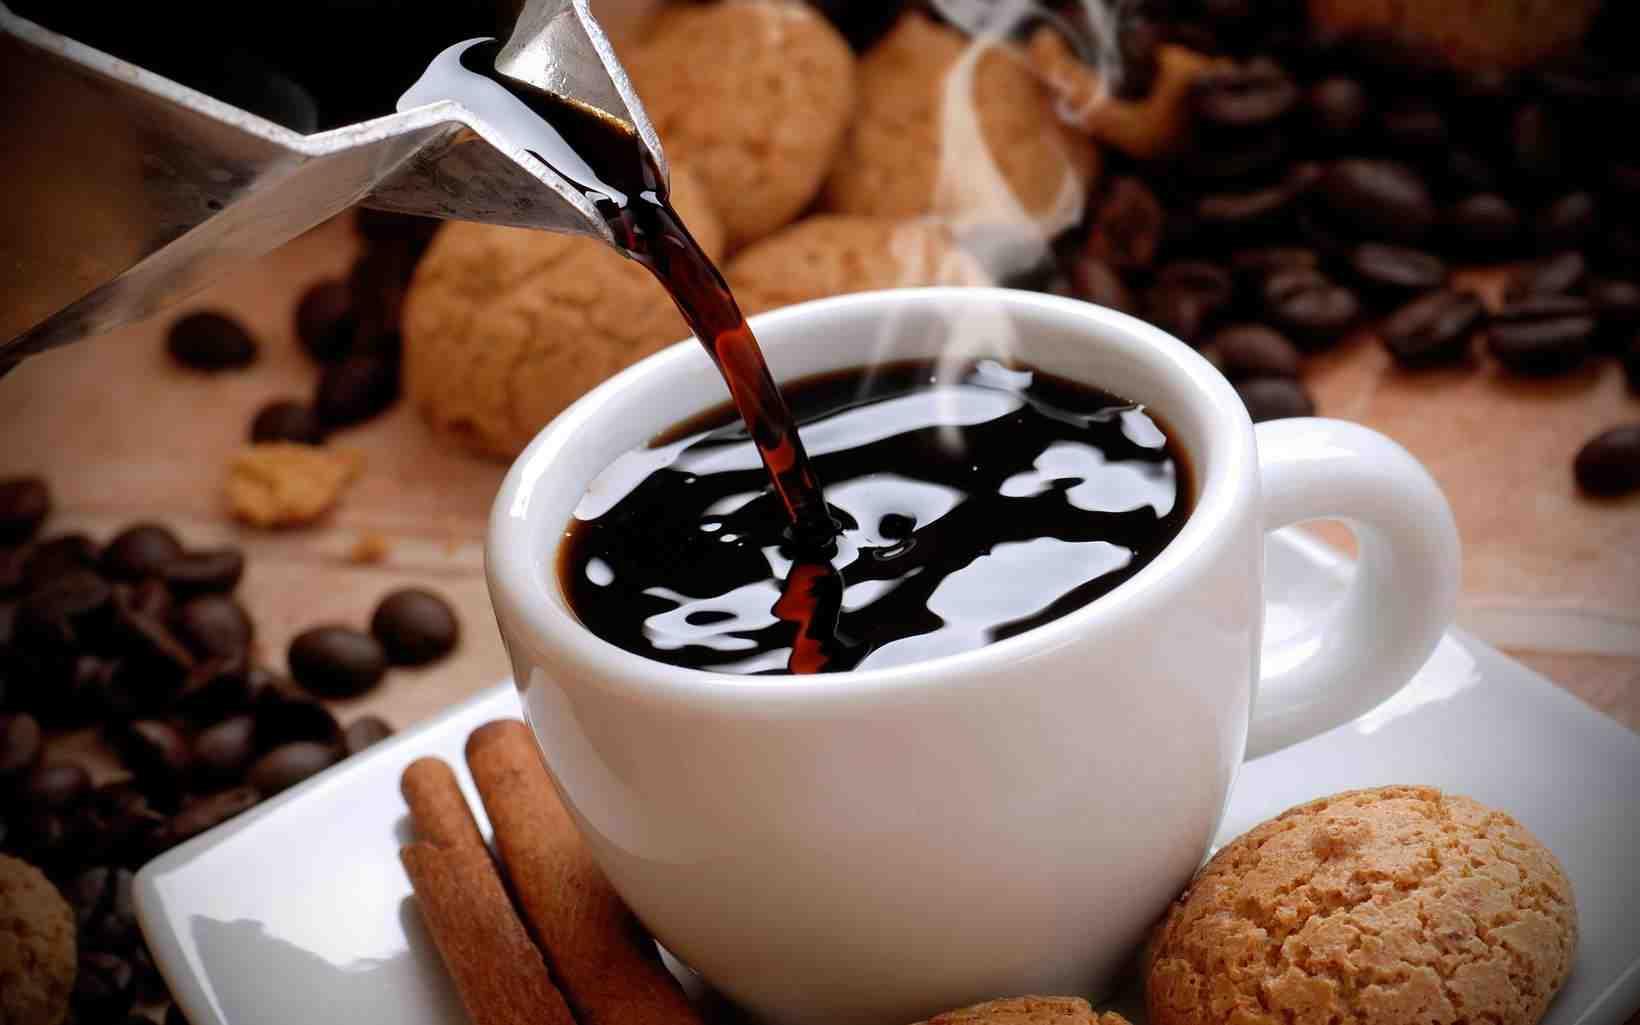 Comment remplacer le sucre dans le café?